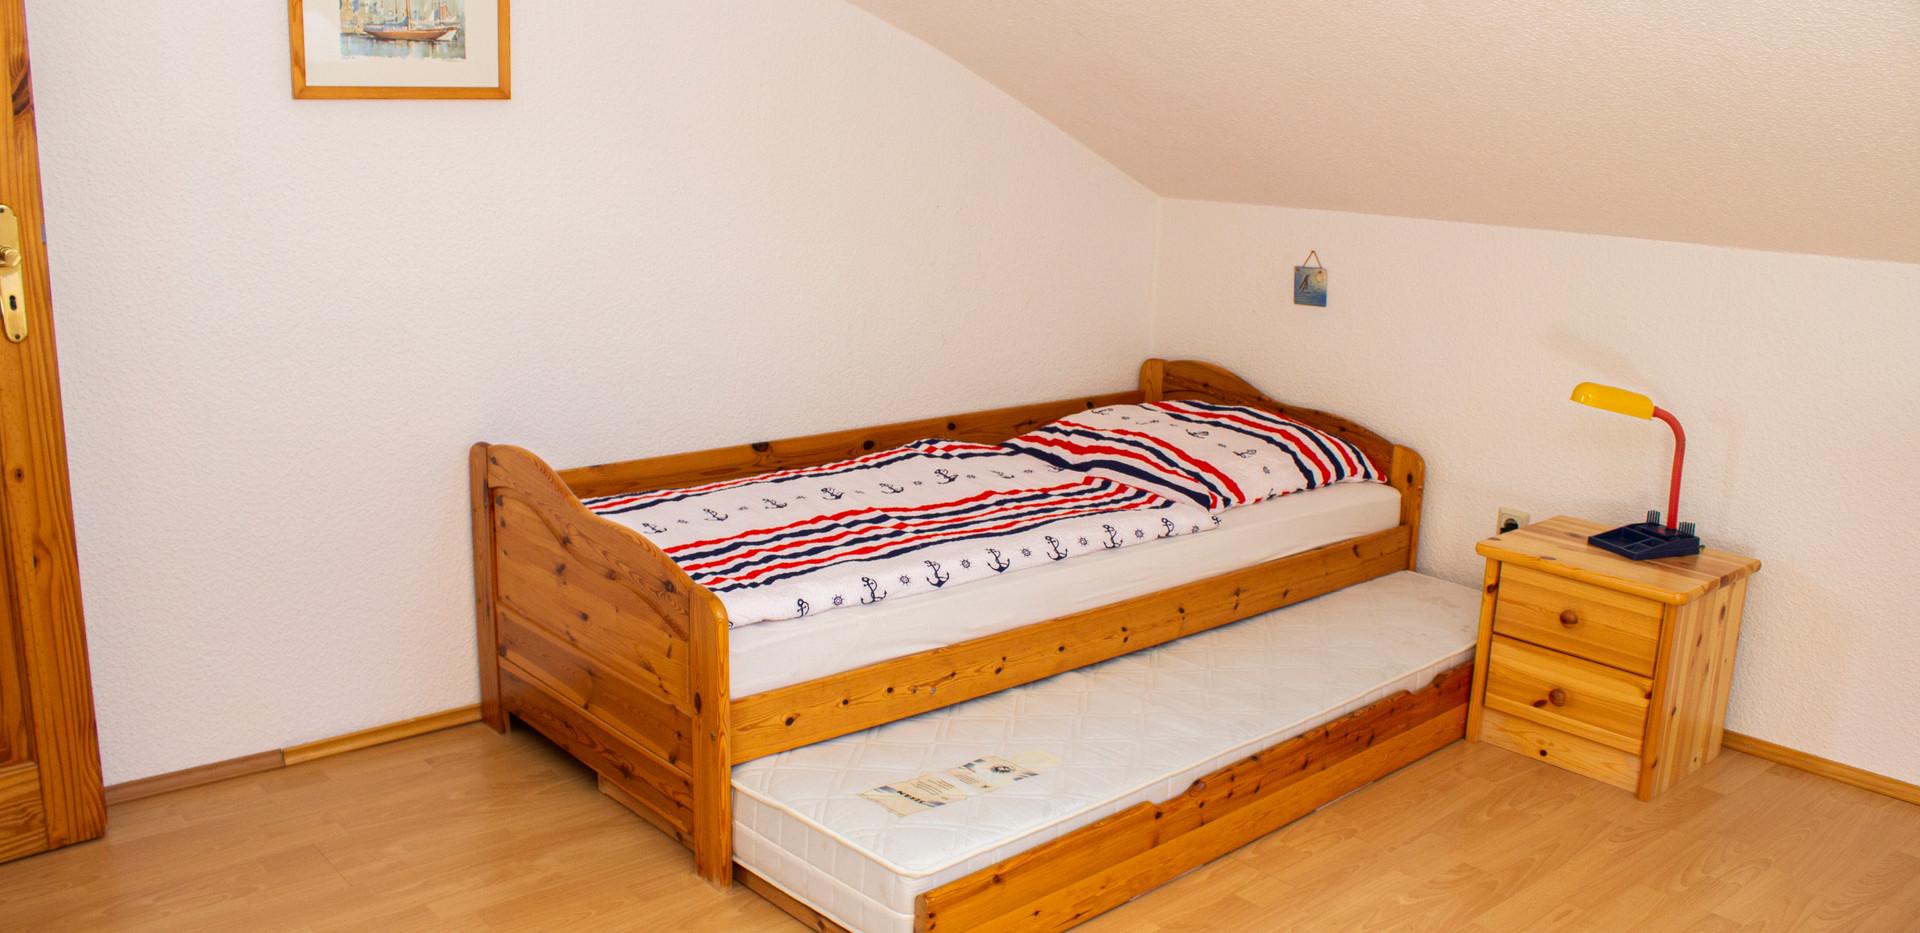 Schlafzimmer 2 von 3 - oben